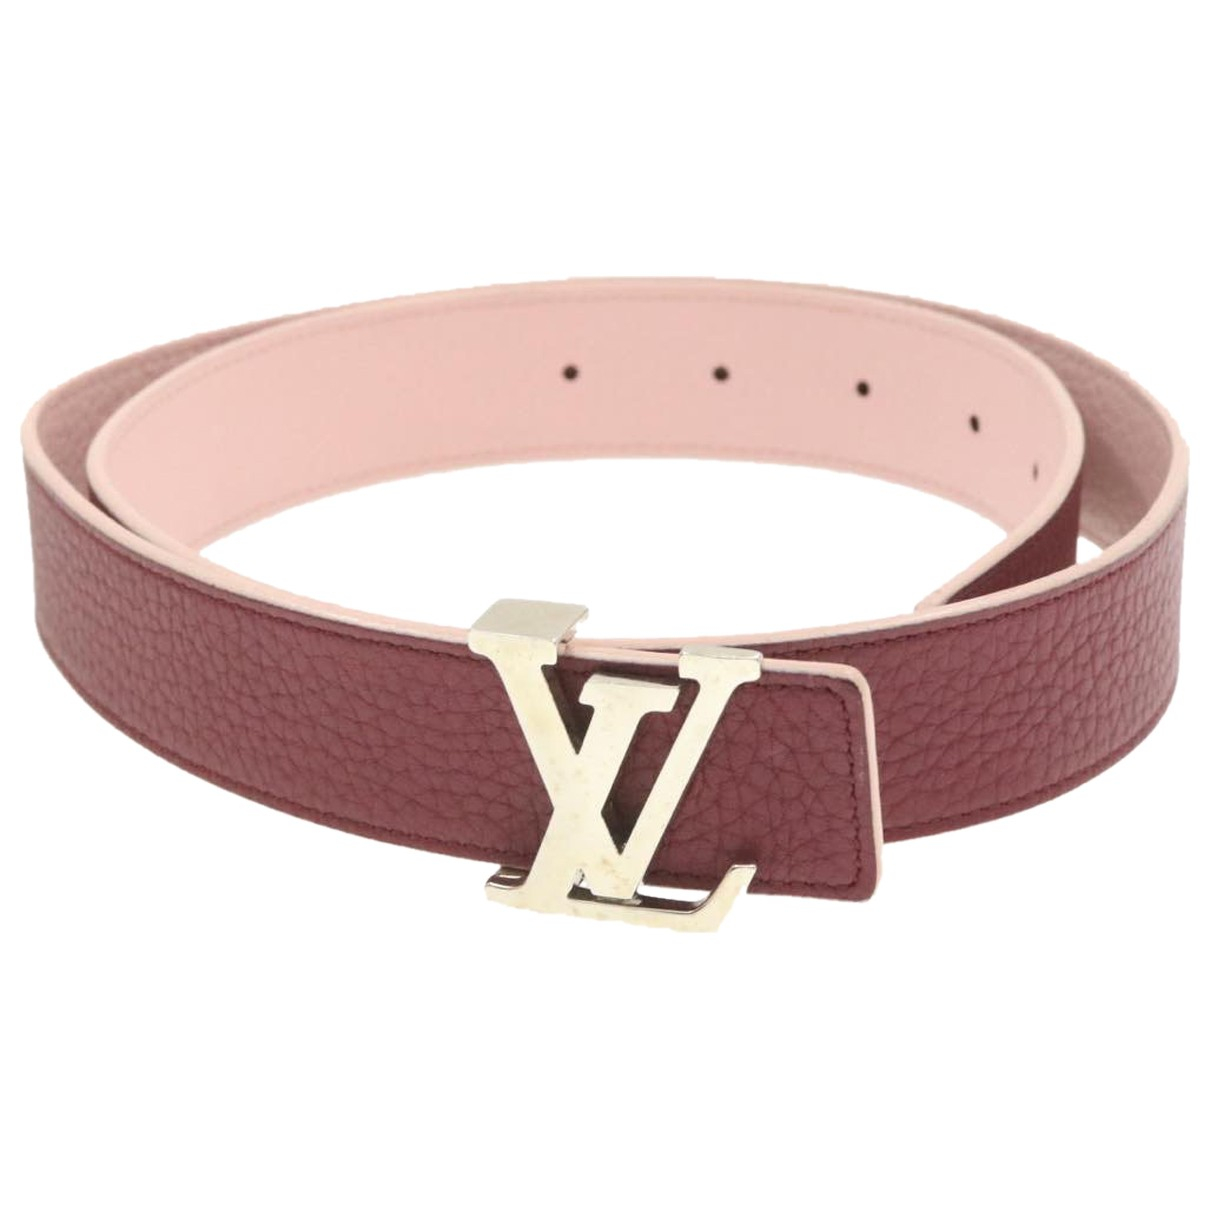 Louis Vuitton - Foulard   pour femme en autre - bordeaux